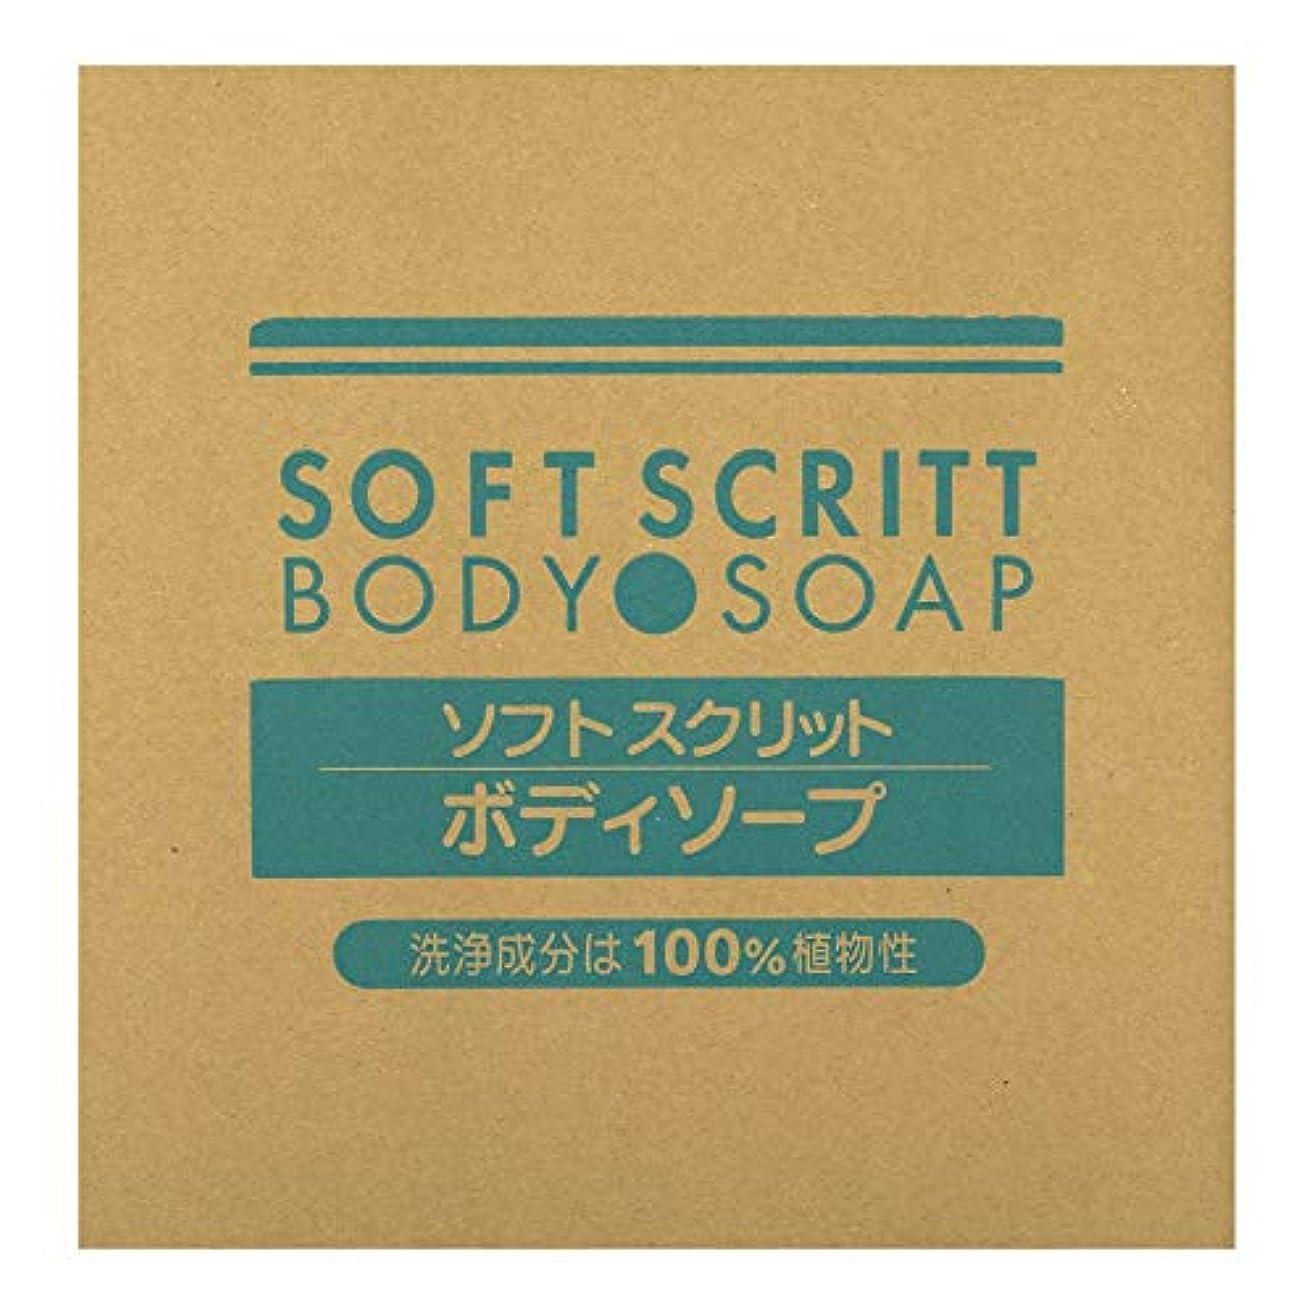 ナビゲーション楽しい避けられない熊野油脂 業務用 SOFT SCRITT(ソフト スクリット) ボディソープ 18L